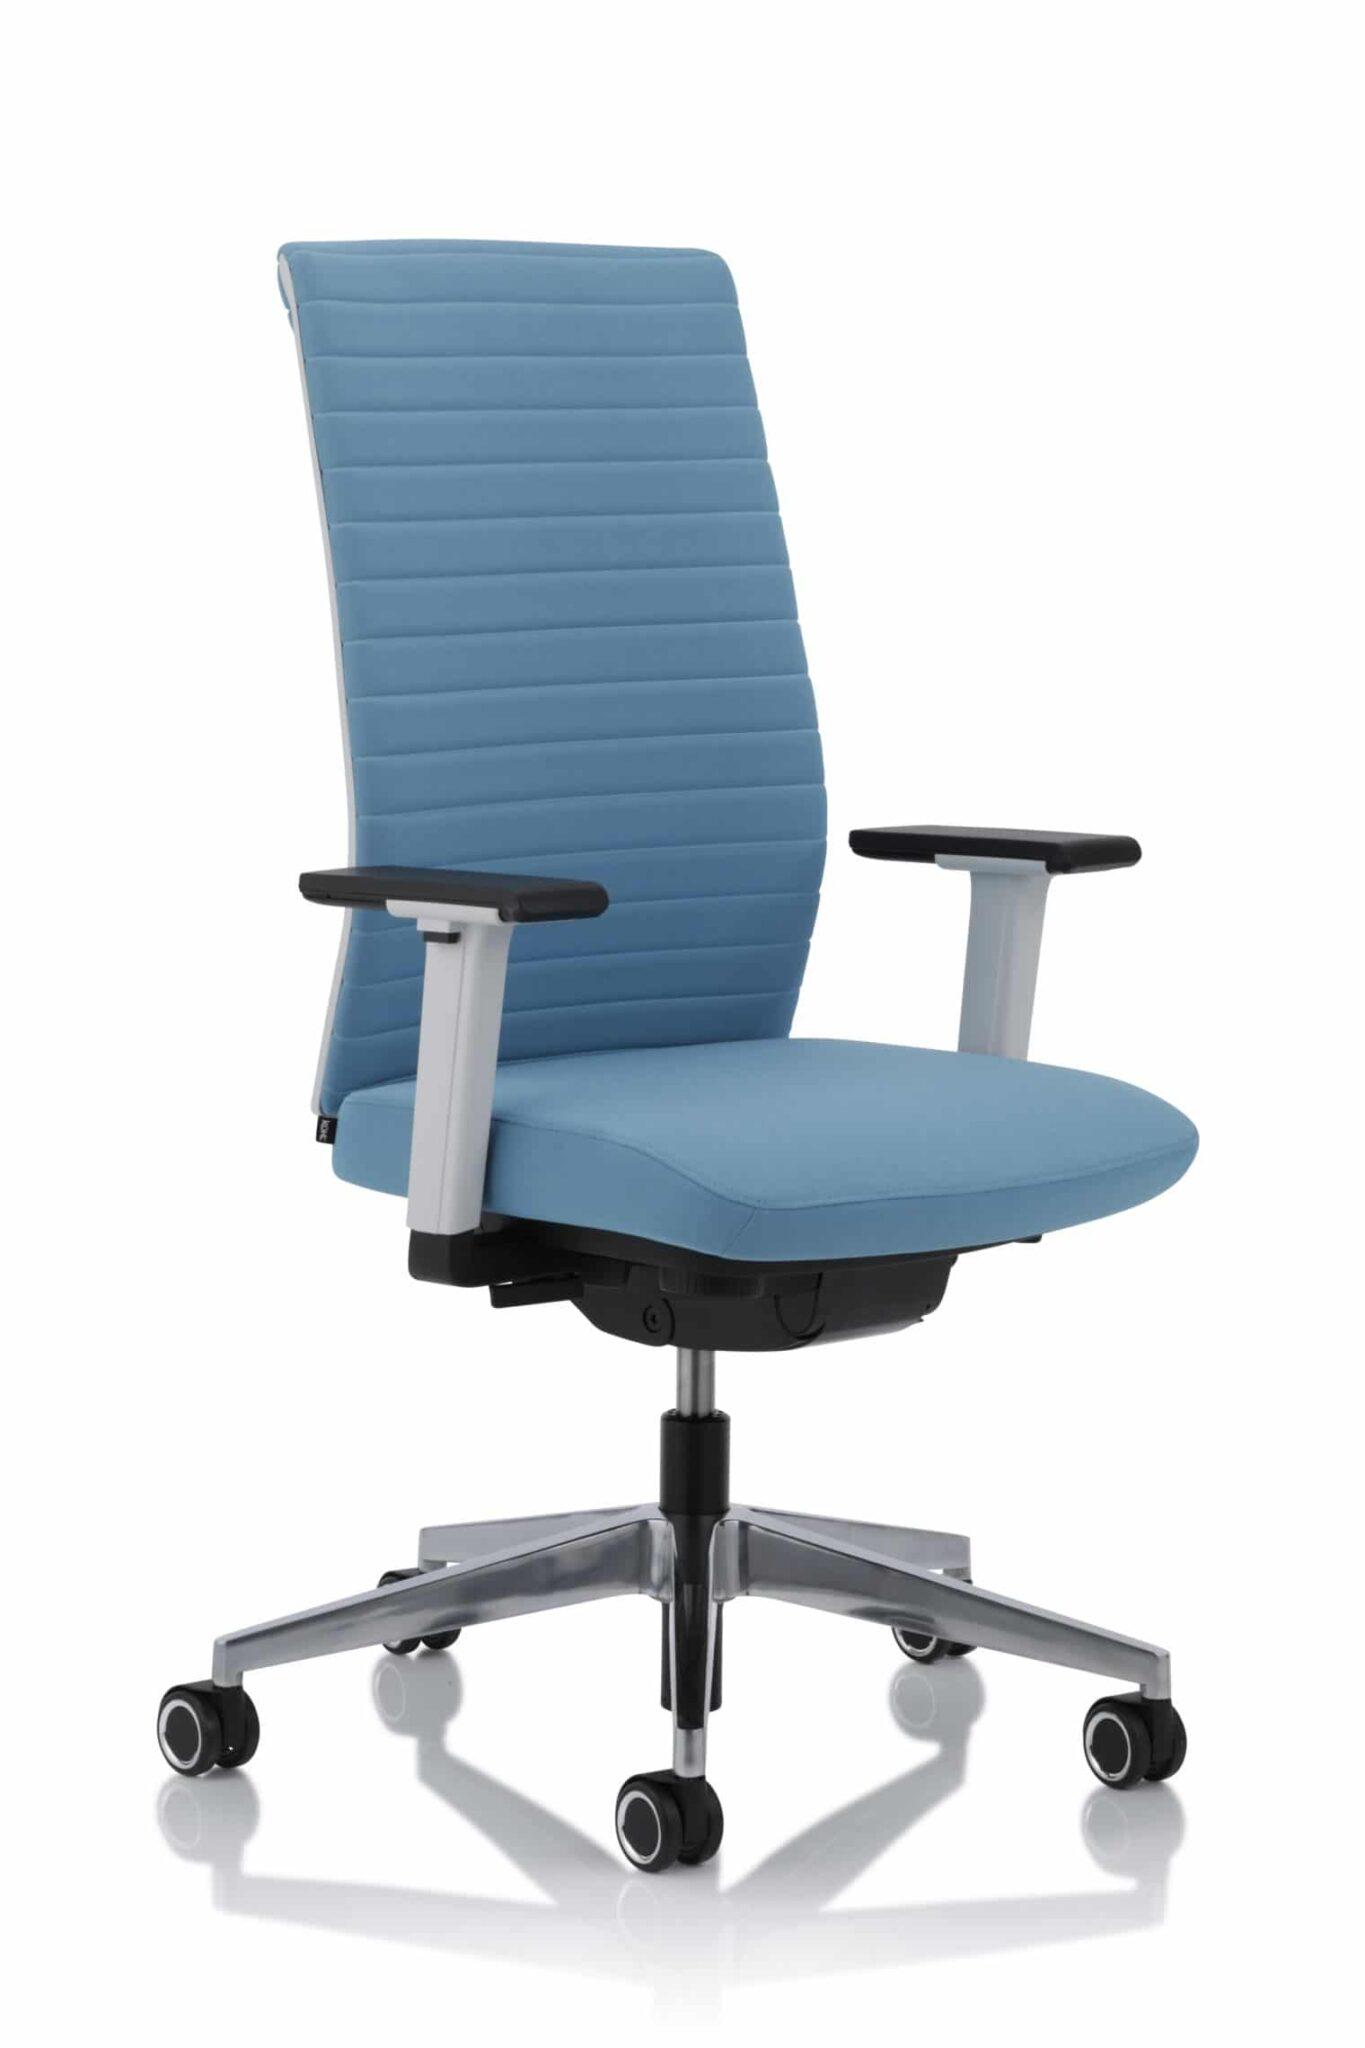 Kohl Tempeo Wave bureaustoel in de optionele gepolijst aluminium voetenkruis.